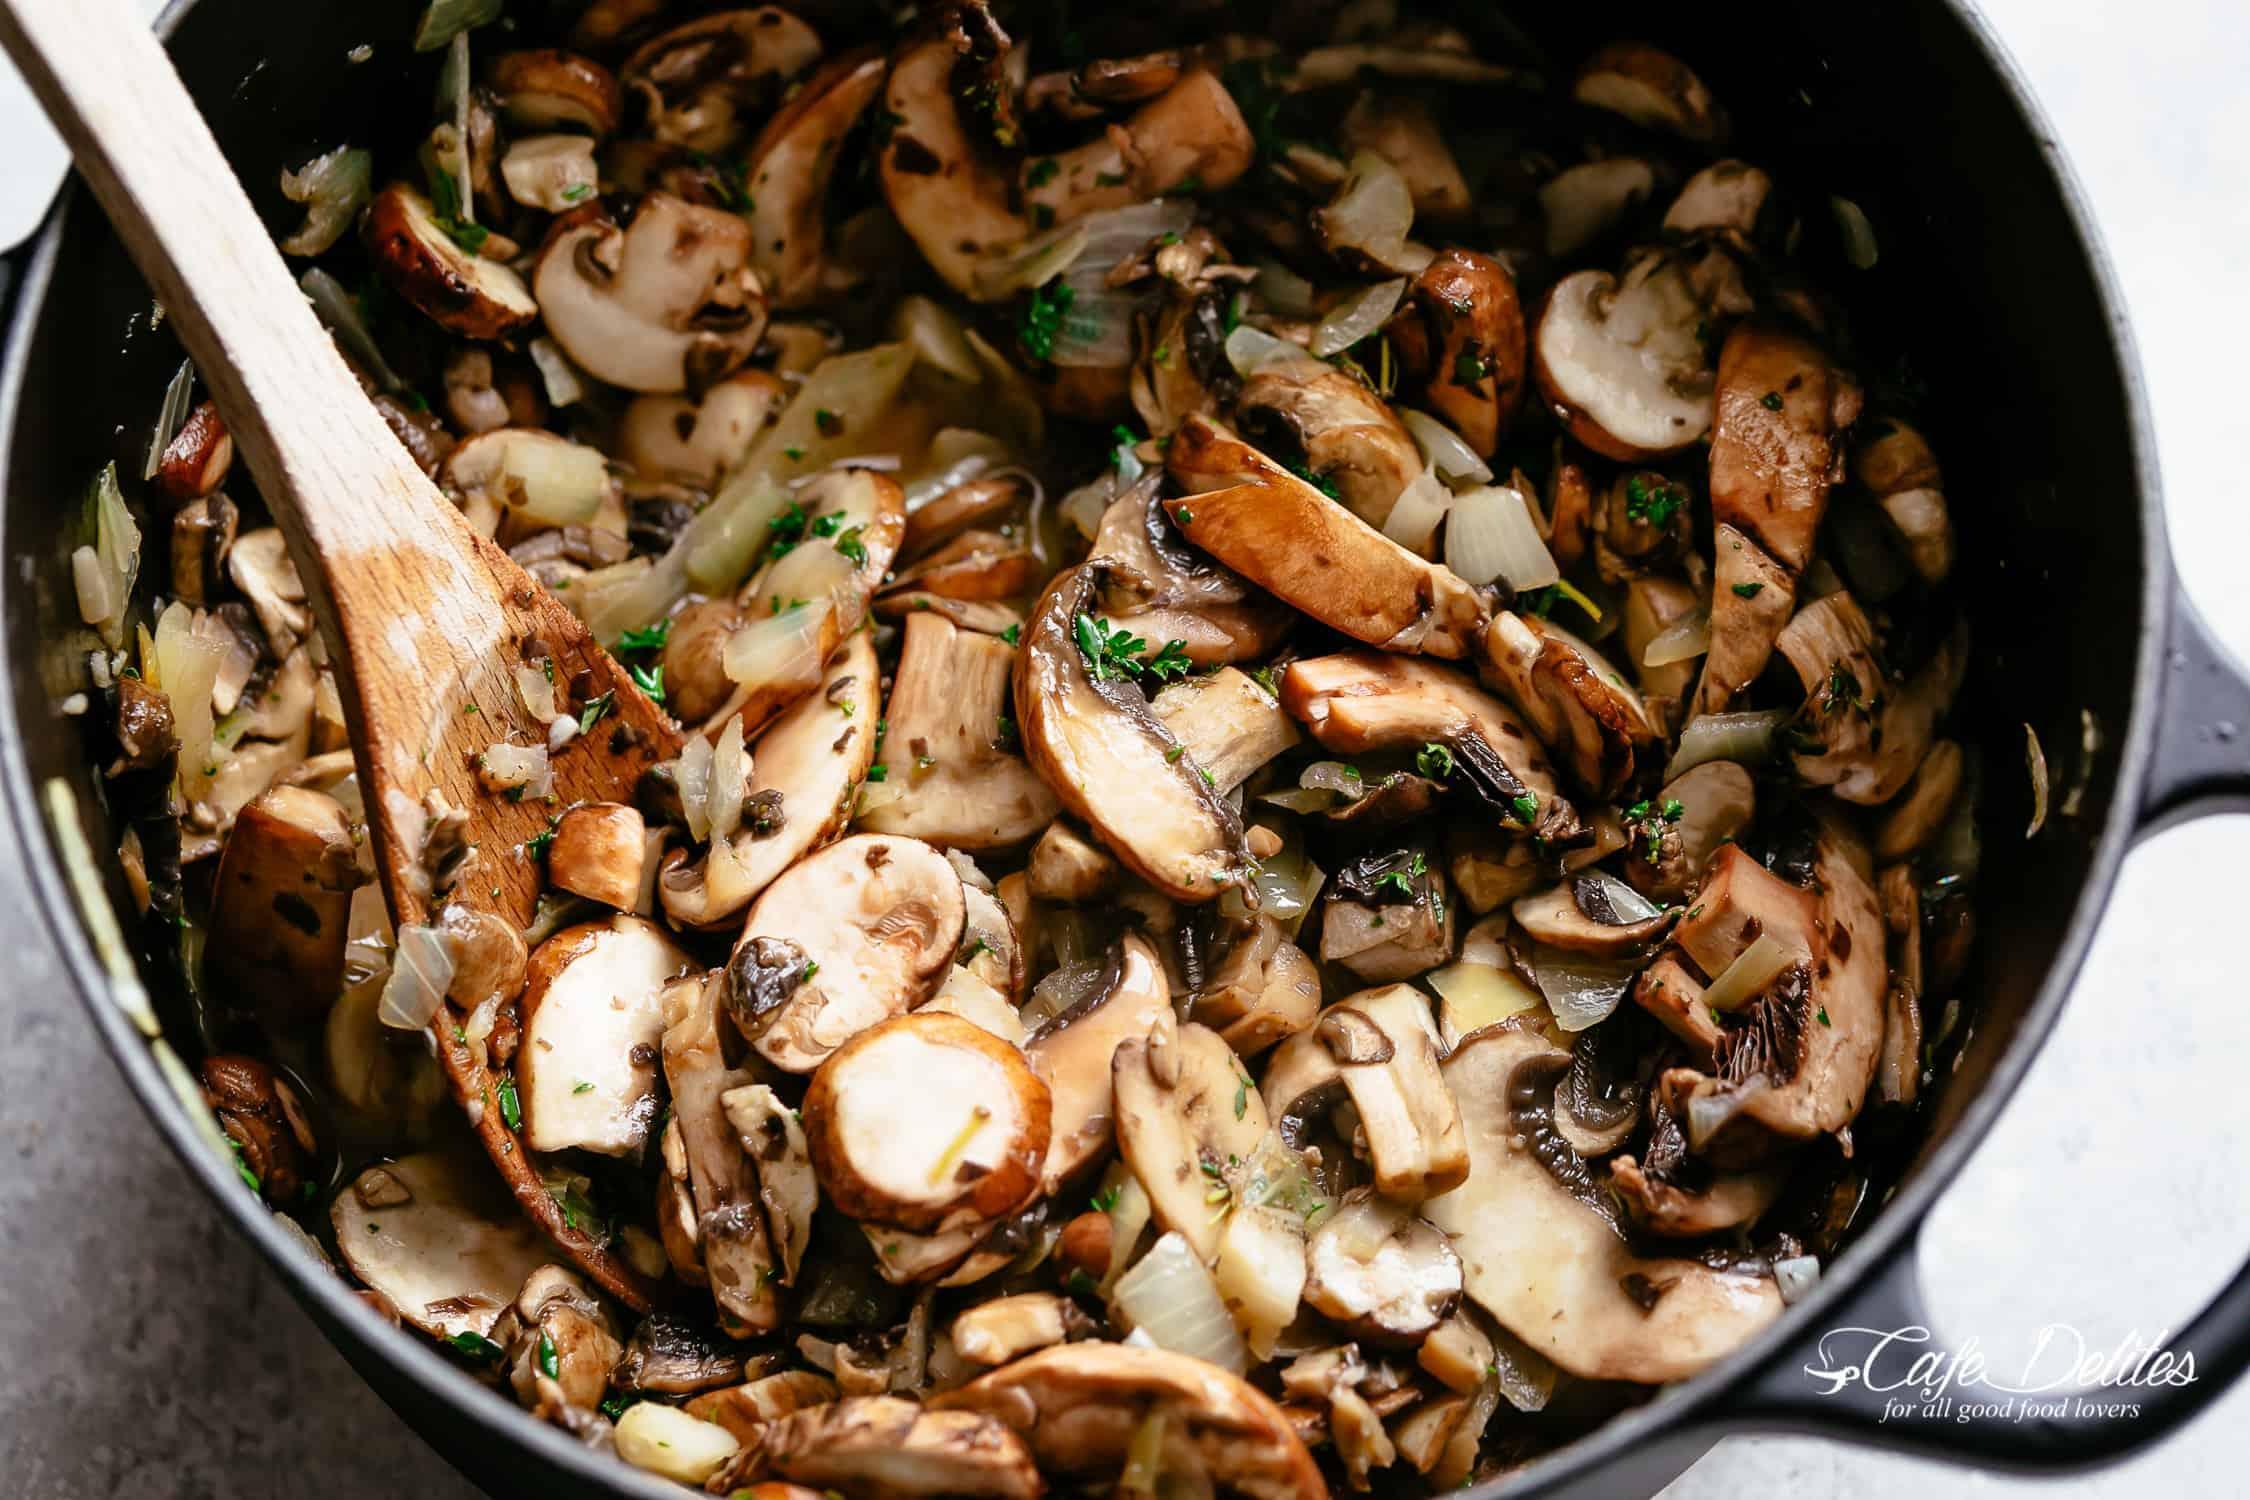 How to make cream of mushroom soup | cafedelites.com